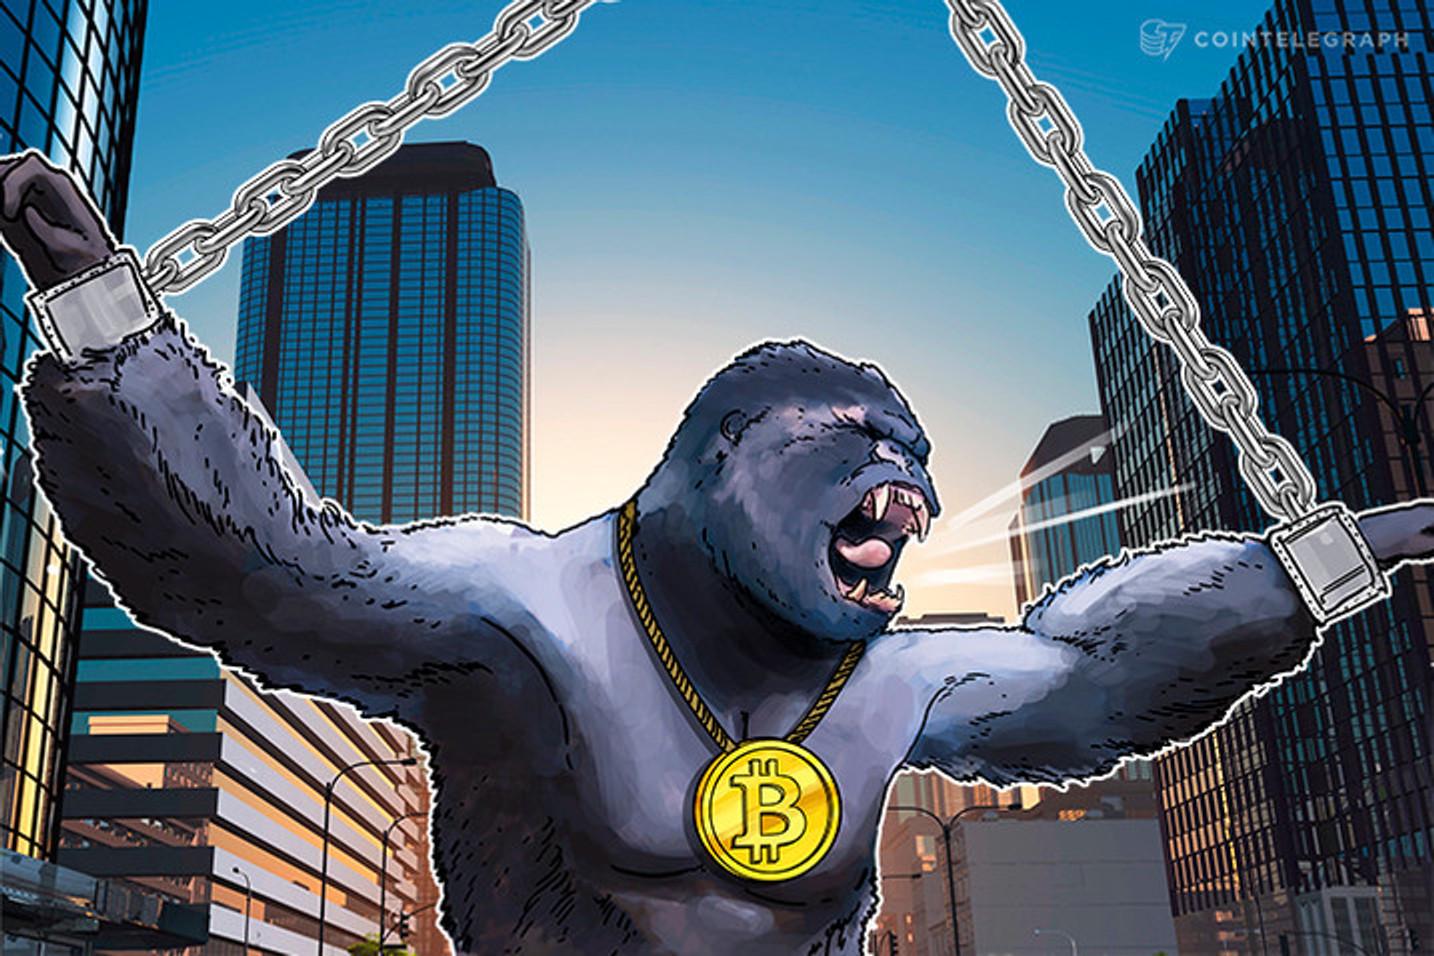 En 10 años, el dólar se ha depreciado un 99,99% frente a Bitcoin